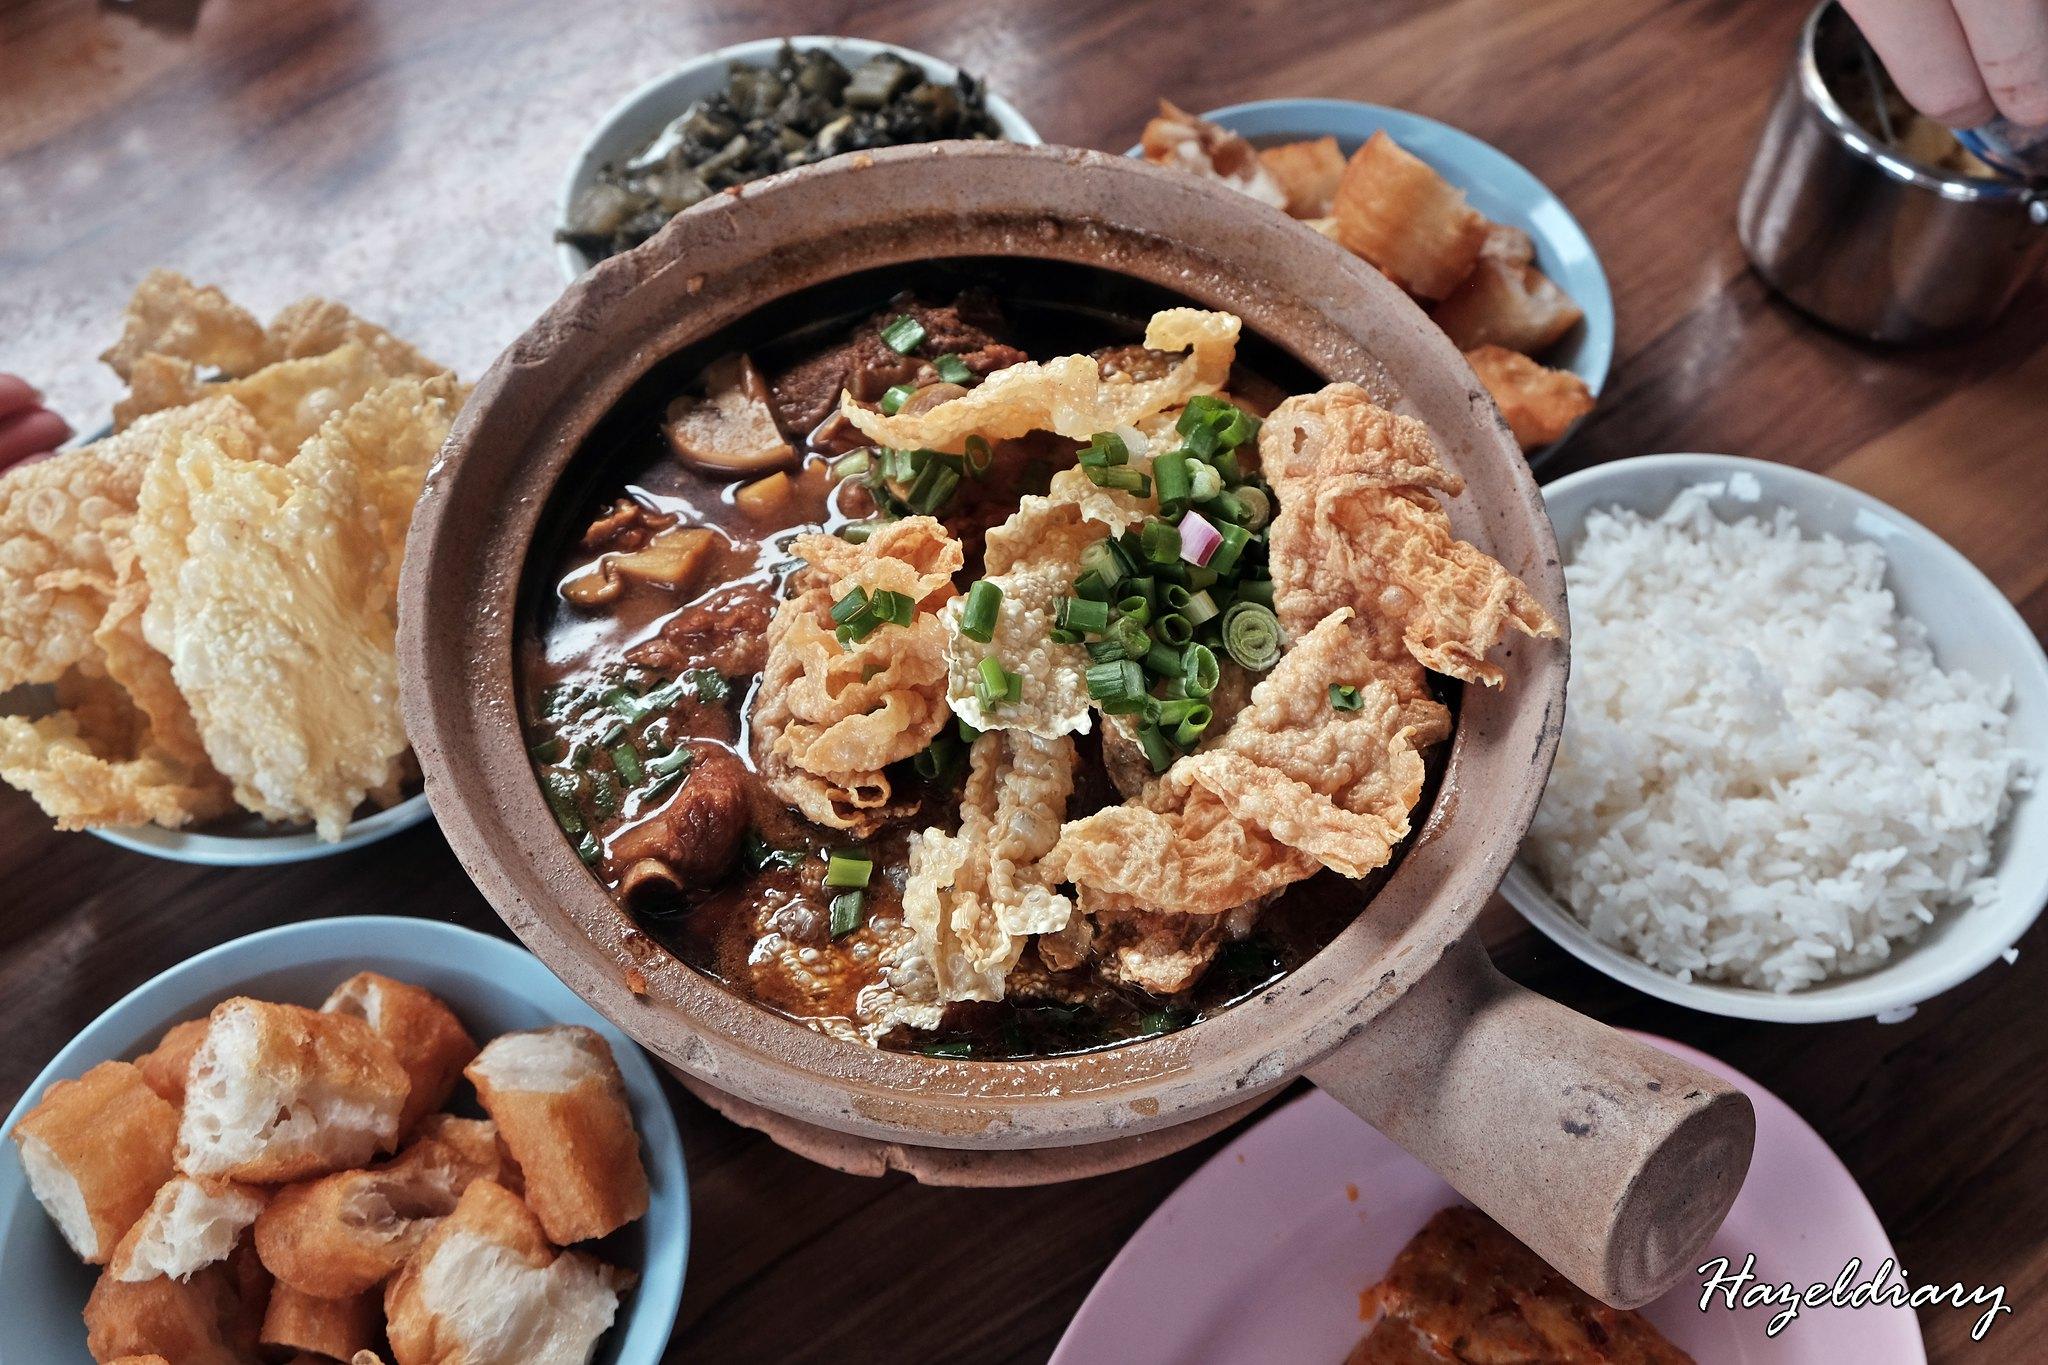 [JB EATS] Restoran Kota Zheng Zong Bak Kut Teh (哥打正宗肉骨茶)At Taman Sentosa